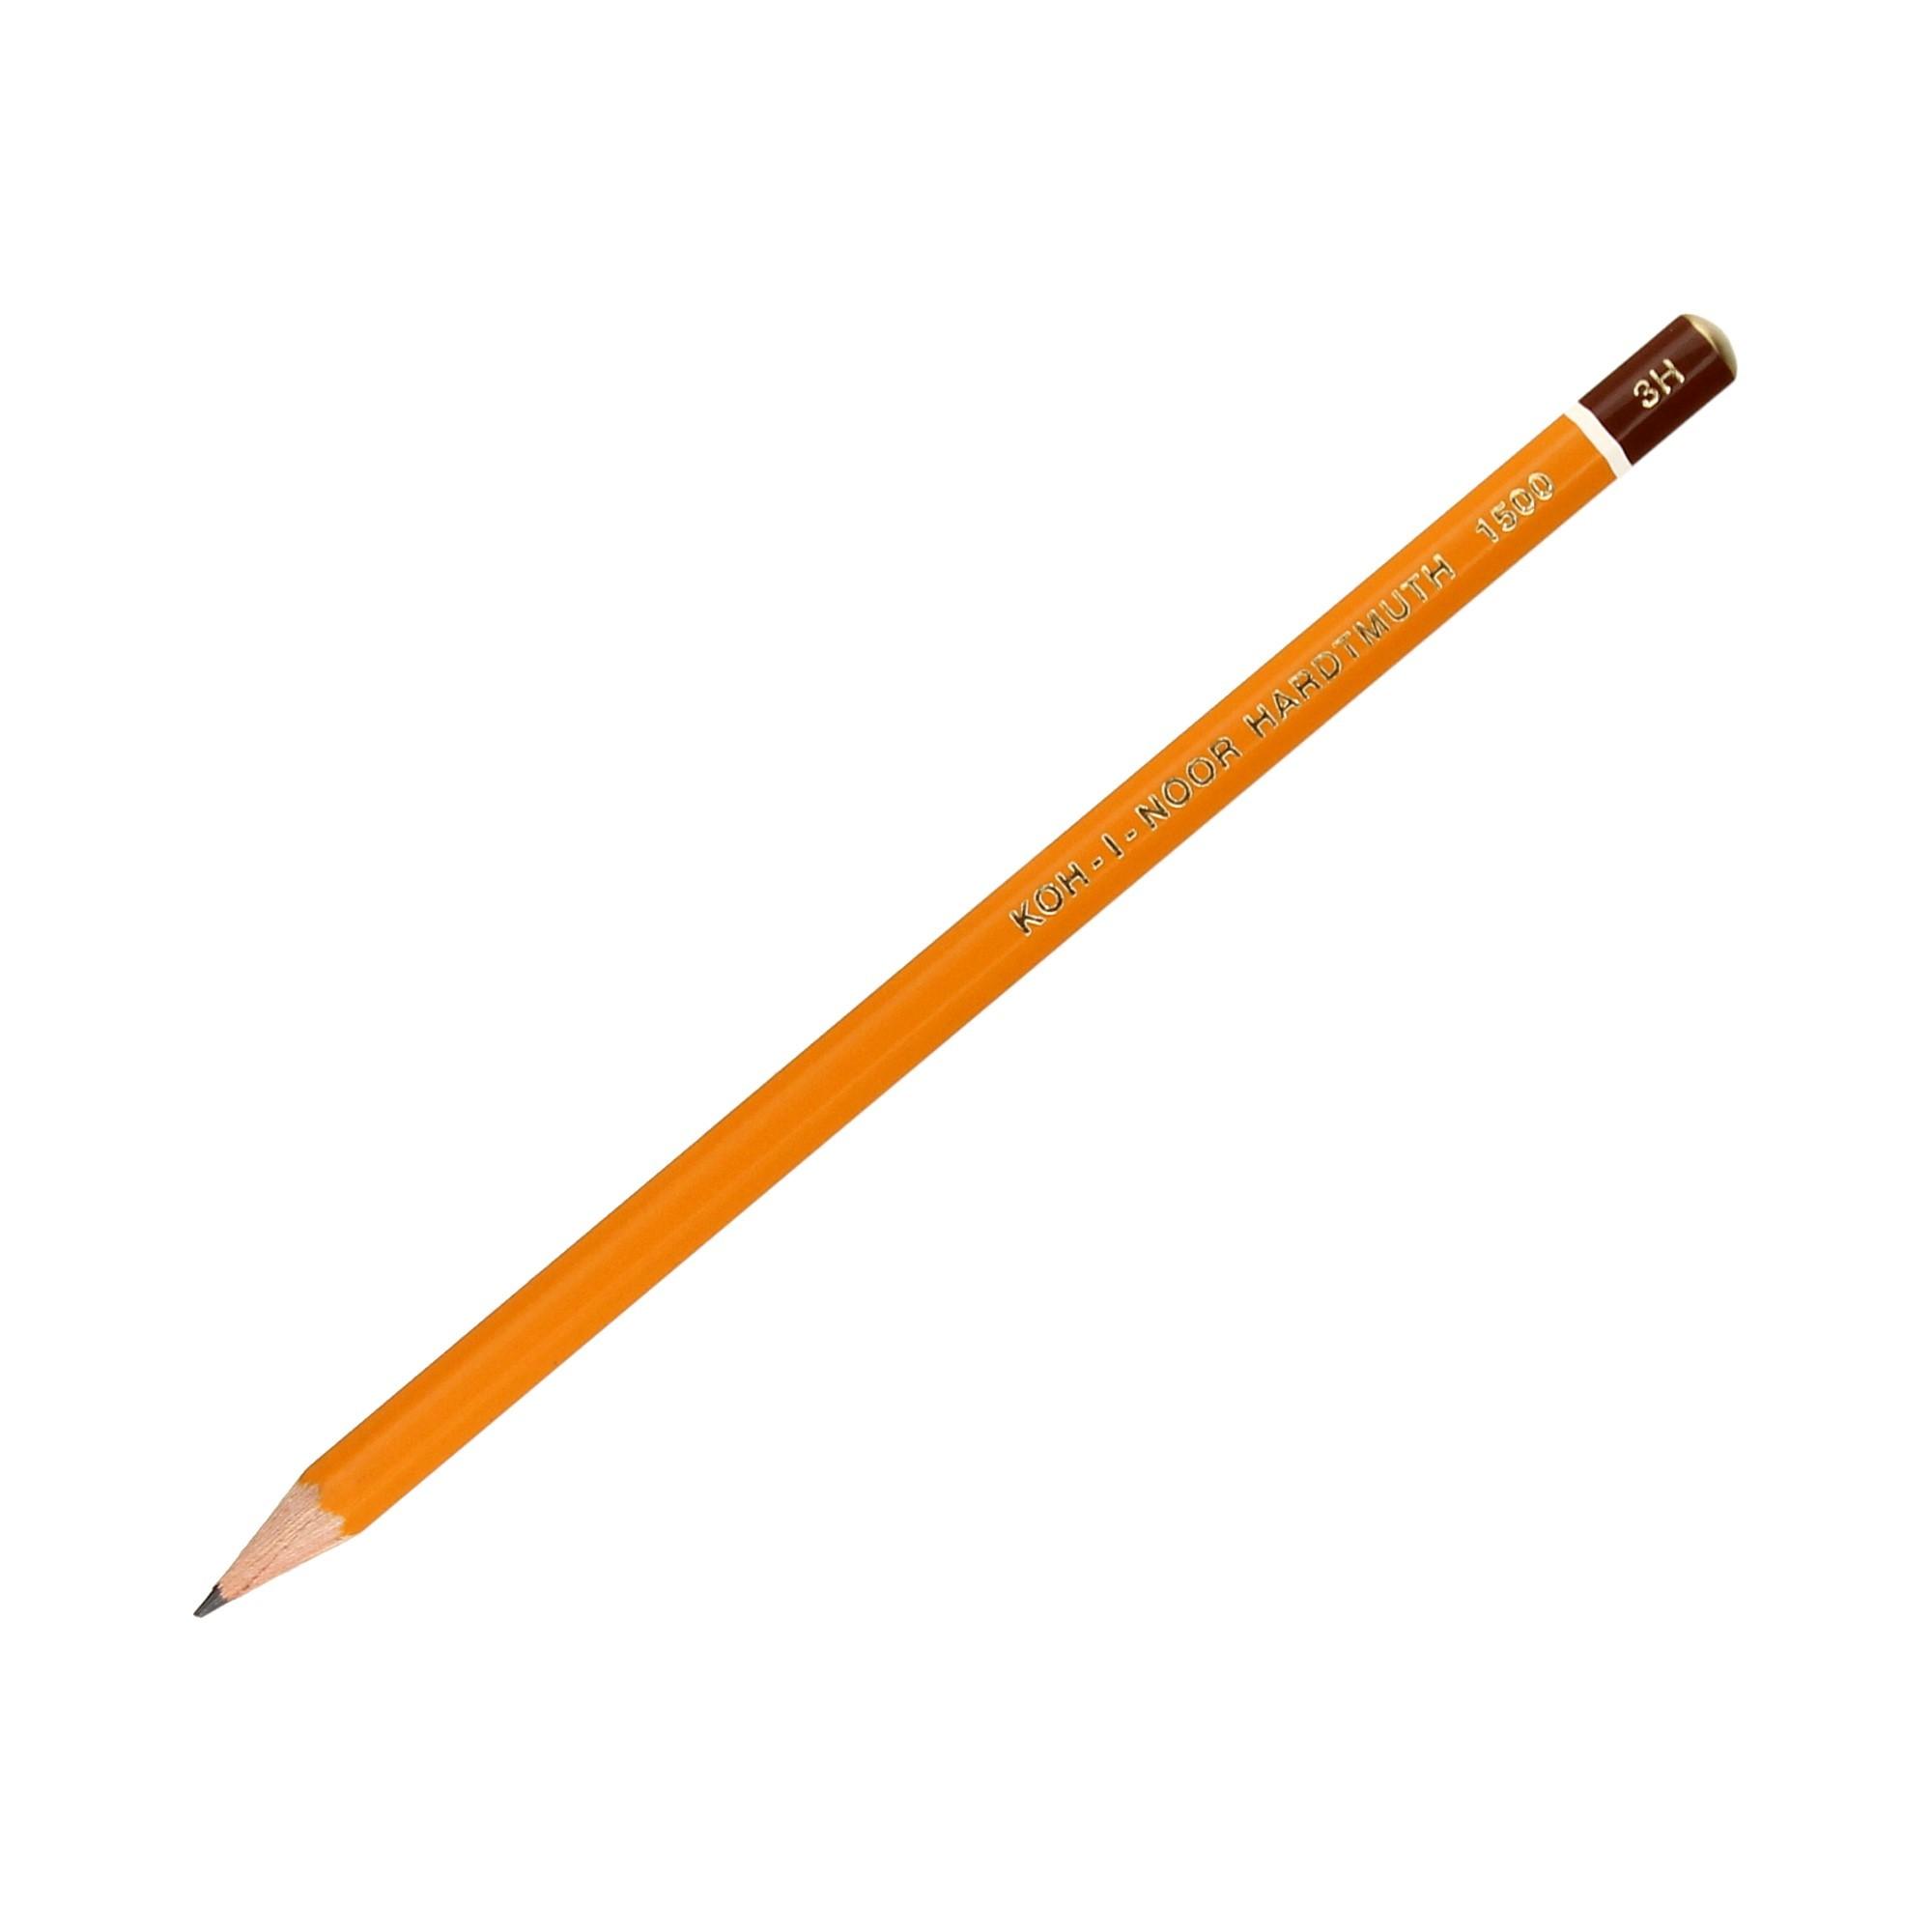 Ołówek techniczny 3H b/g KIN 1500